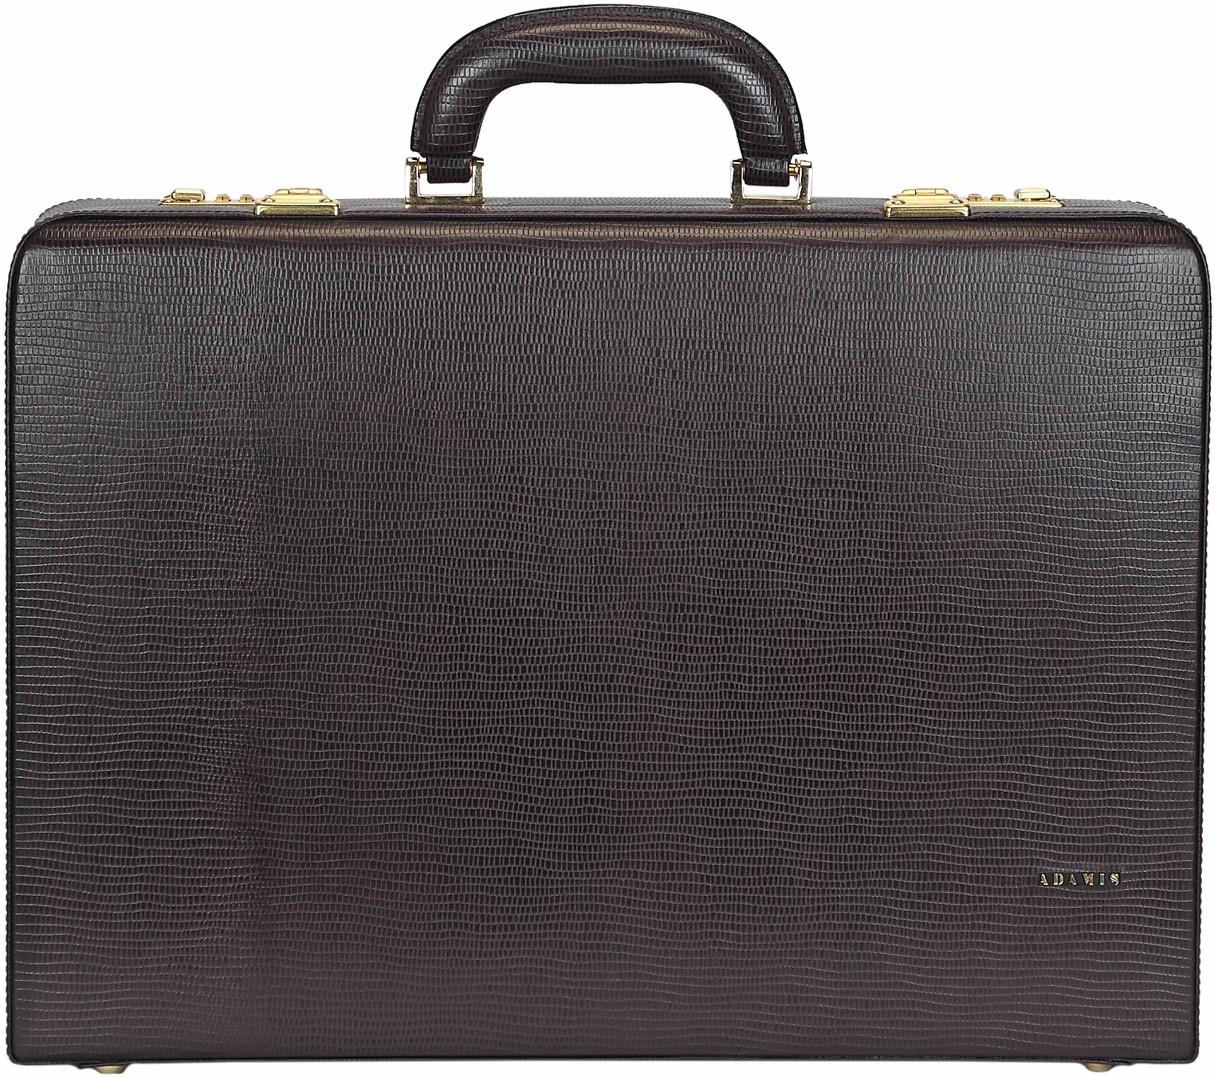 Adamis BC13 Medium Briefcase - For Men, Women